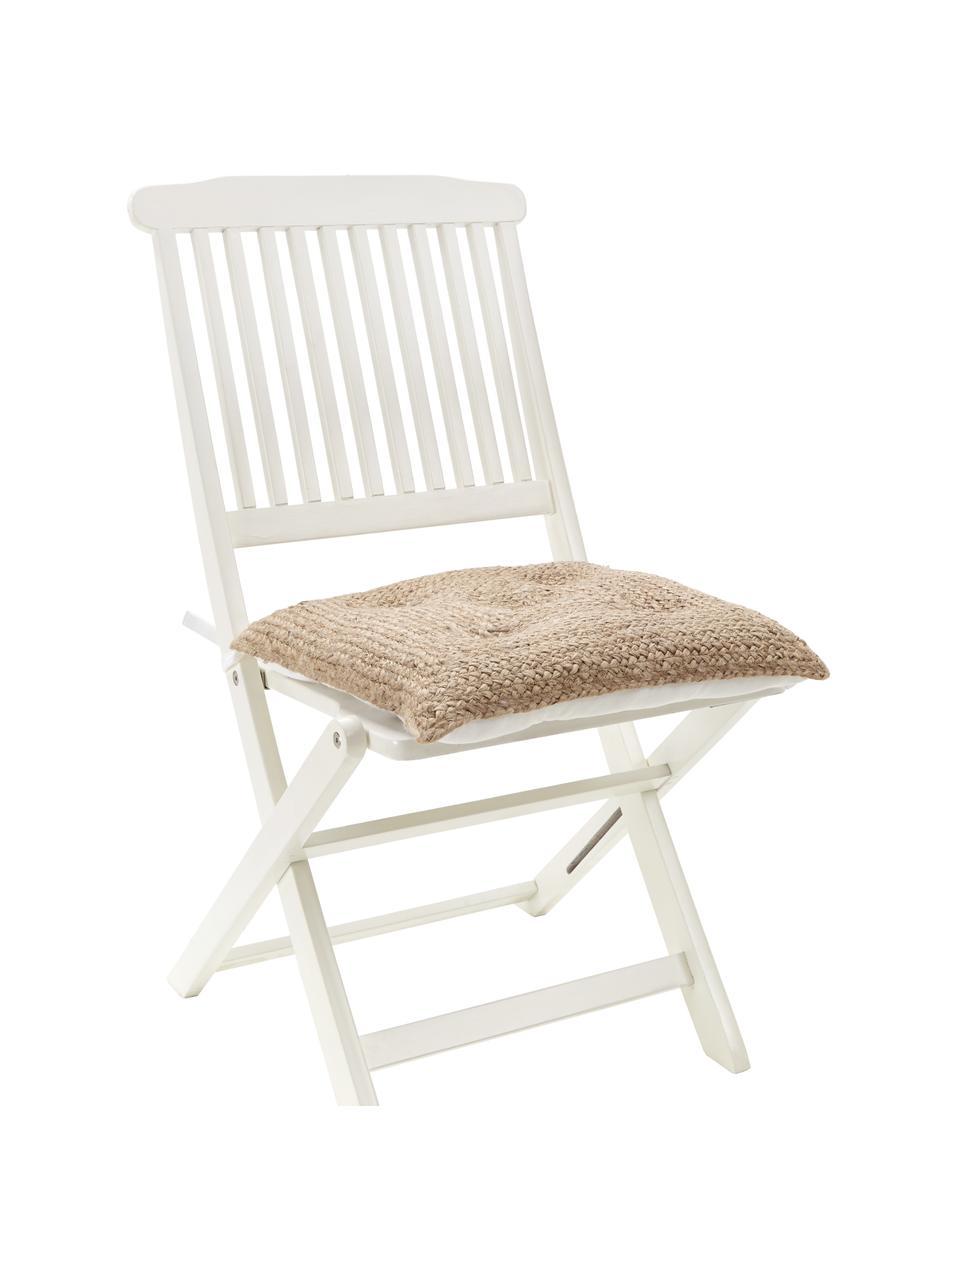 Juten stoelkussen Justina, Bovenzijde: jute, Onderzijde: 100% katoen, Beige, wit, 40 x 40 cm